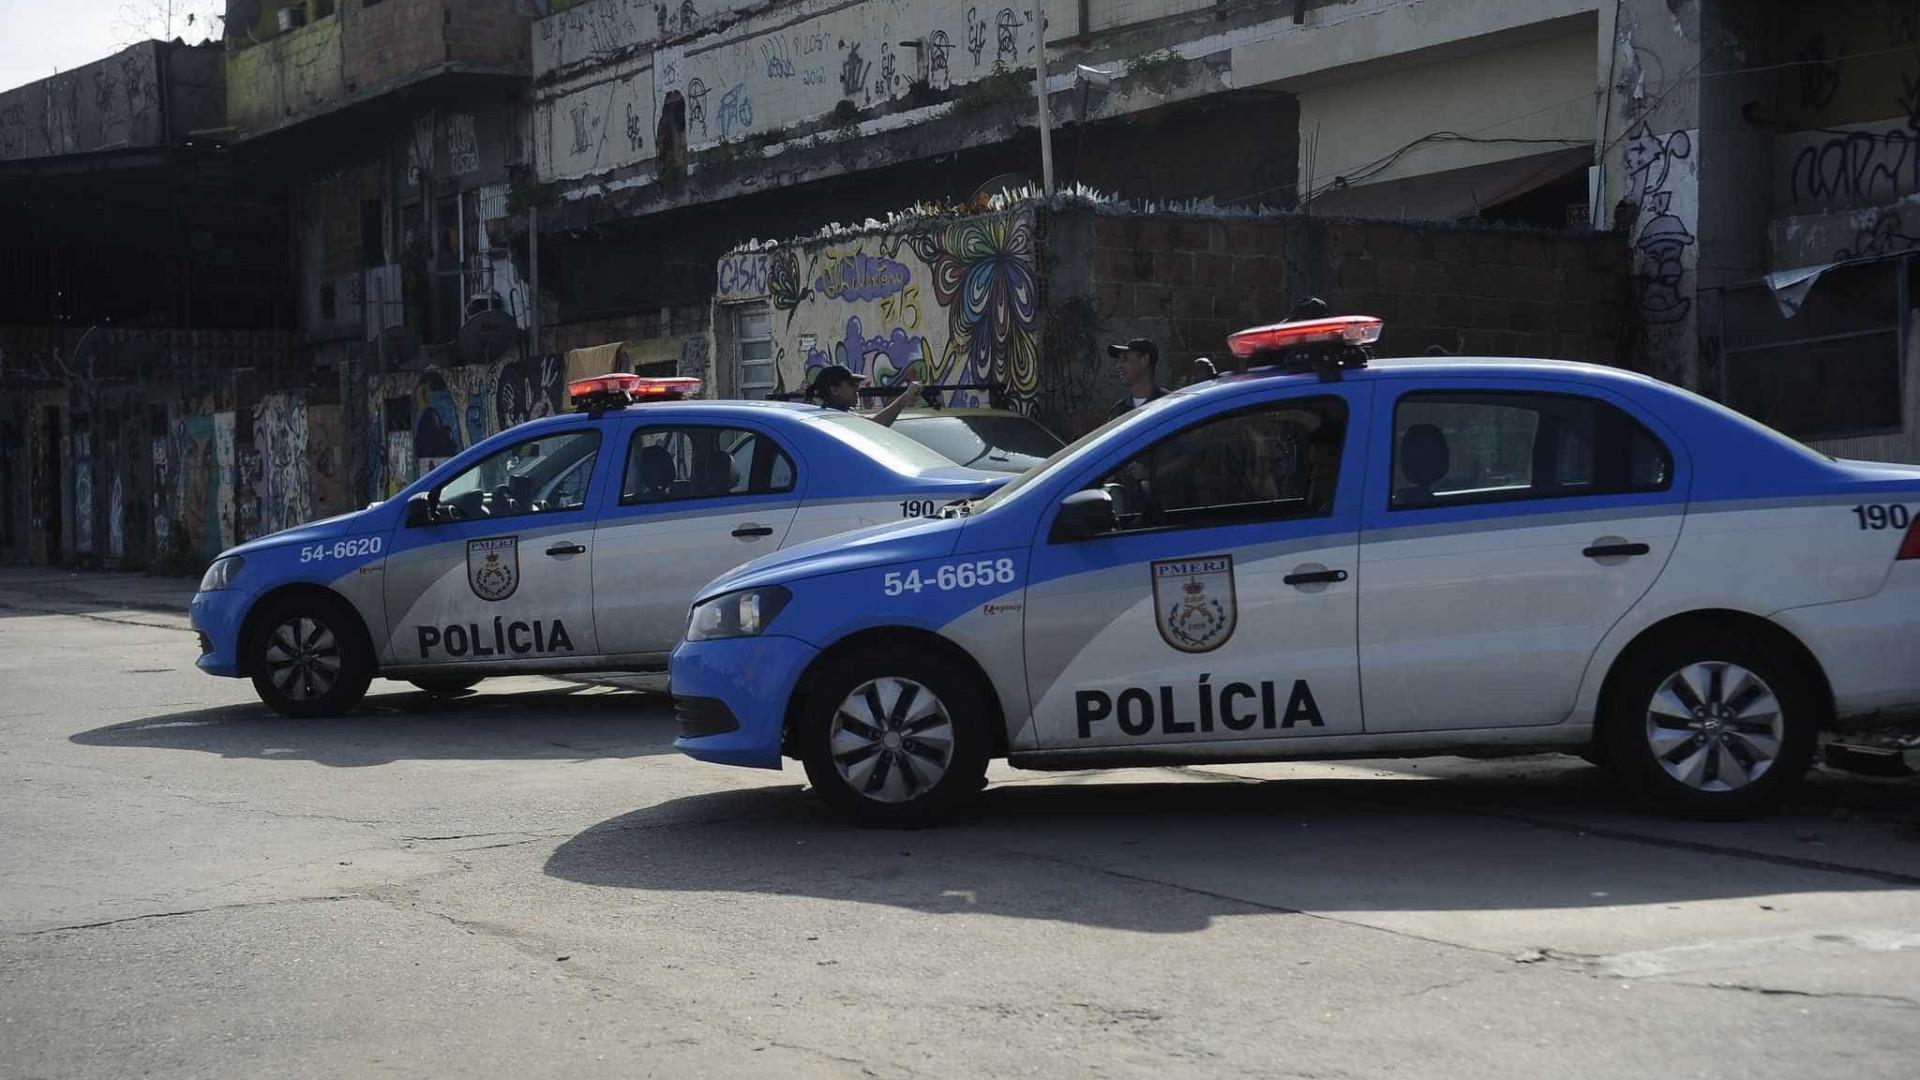 Letalidade policial aumenta 20% no ano; Rio tem maior nº de casos